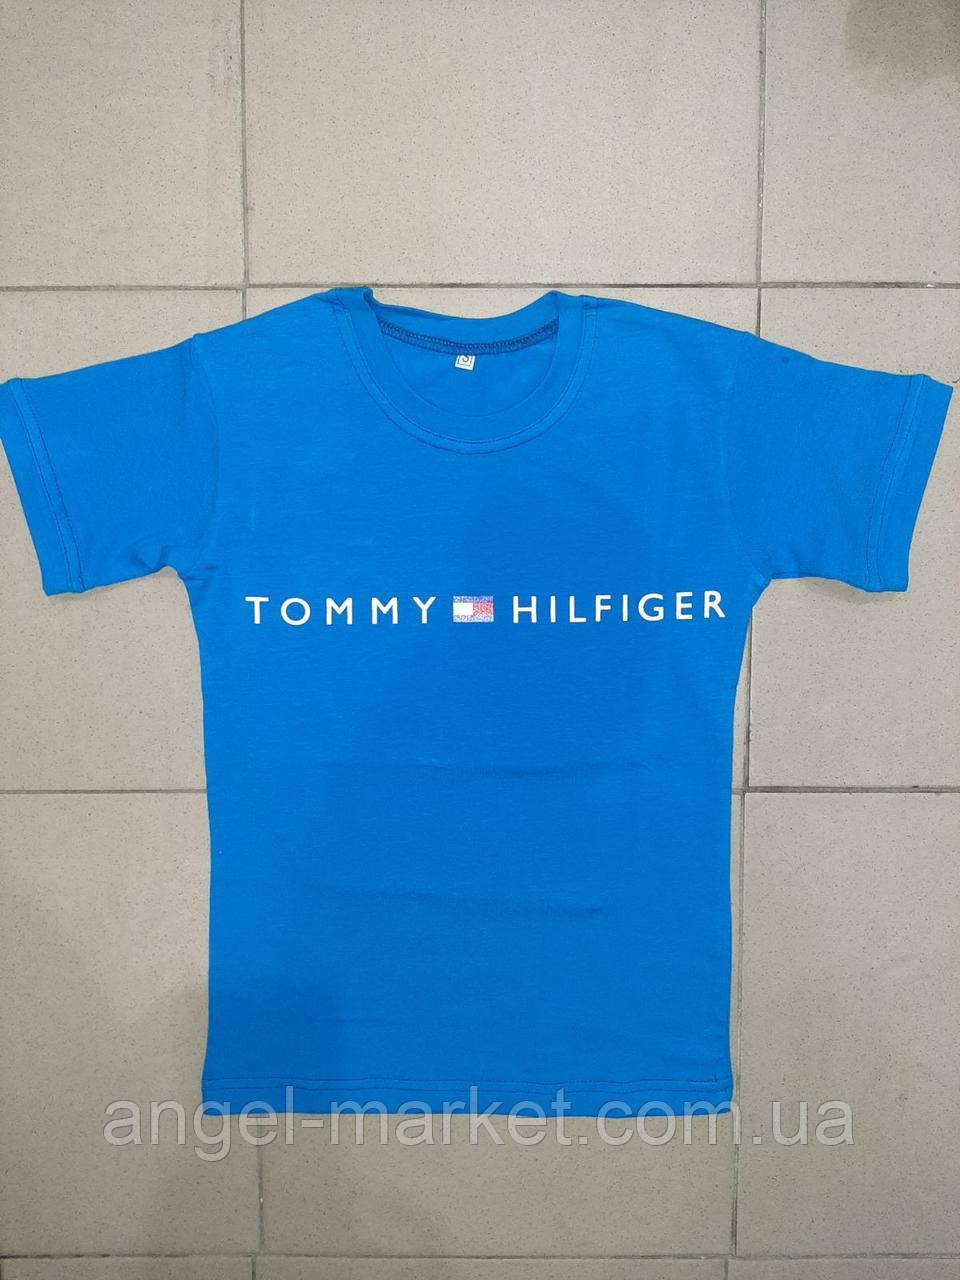 Футболка підліткова з принтом Tommy Hilfiger модна новинка 2021 (зростання 128:134:140:146:152)